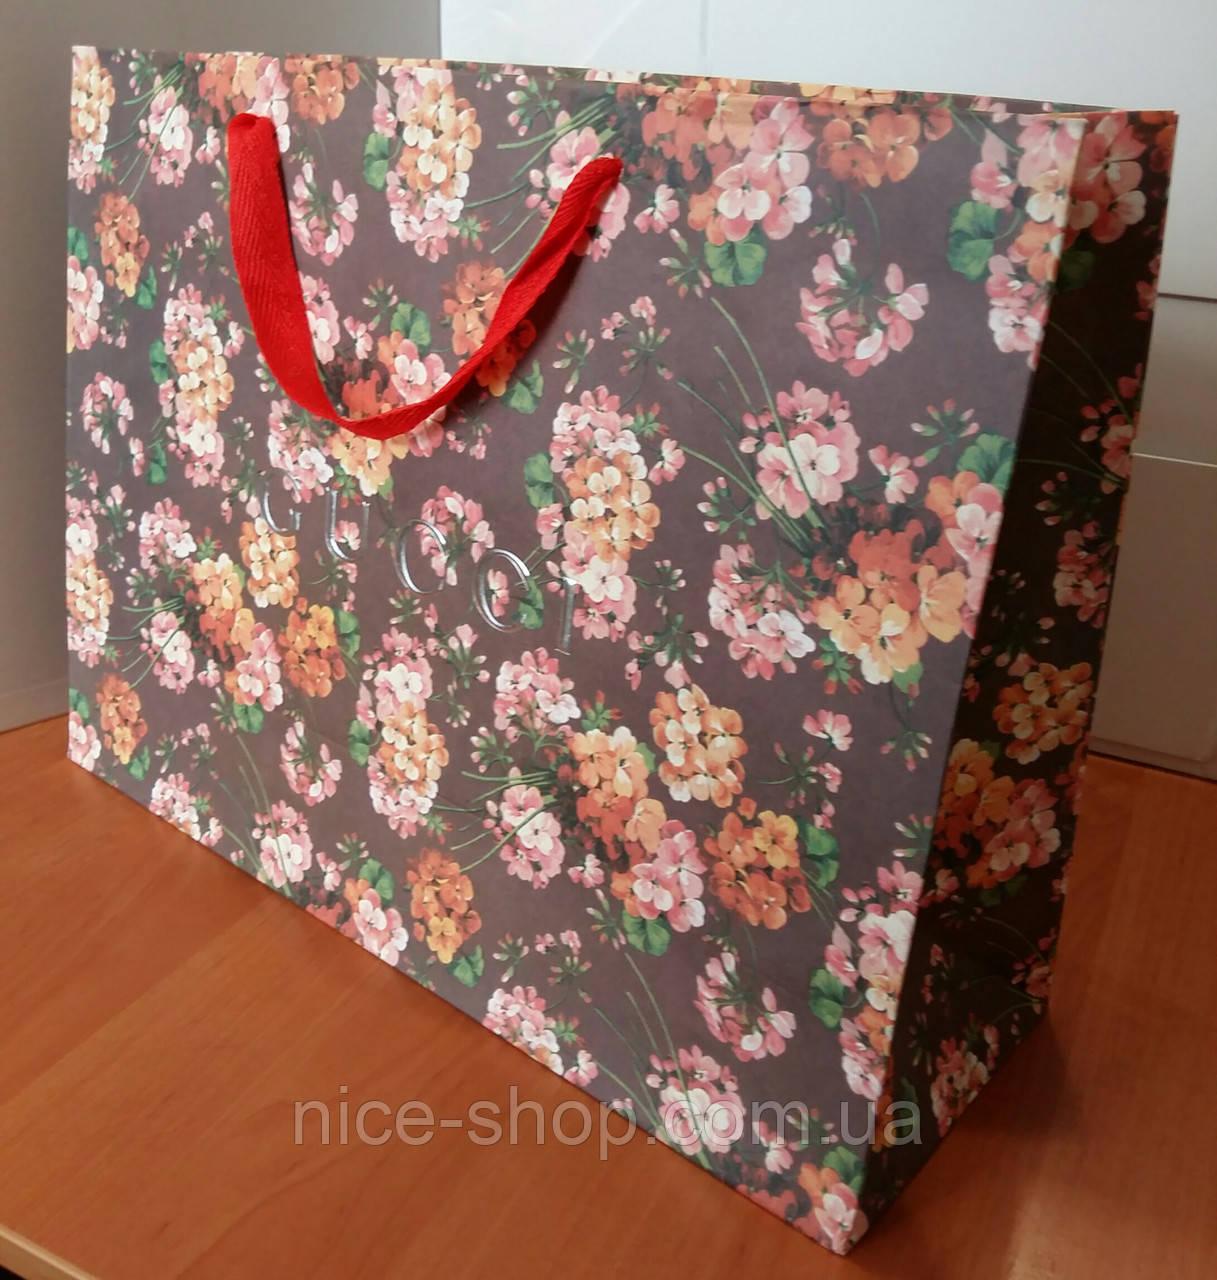 Подарочный пакет Gucci: горизонталь, mахi